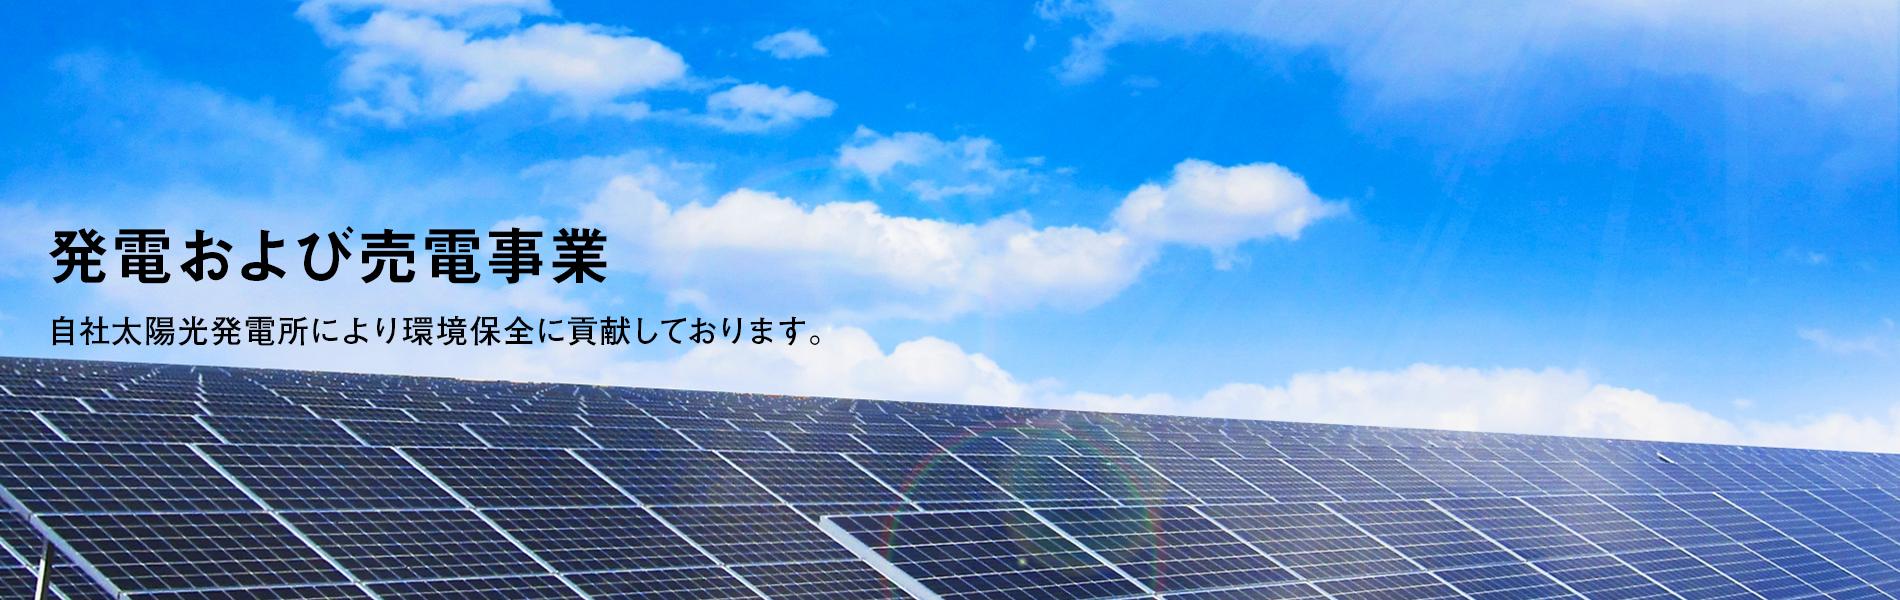 発電および売電事業